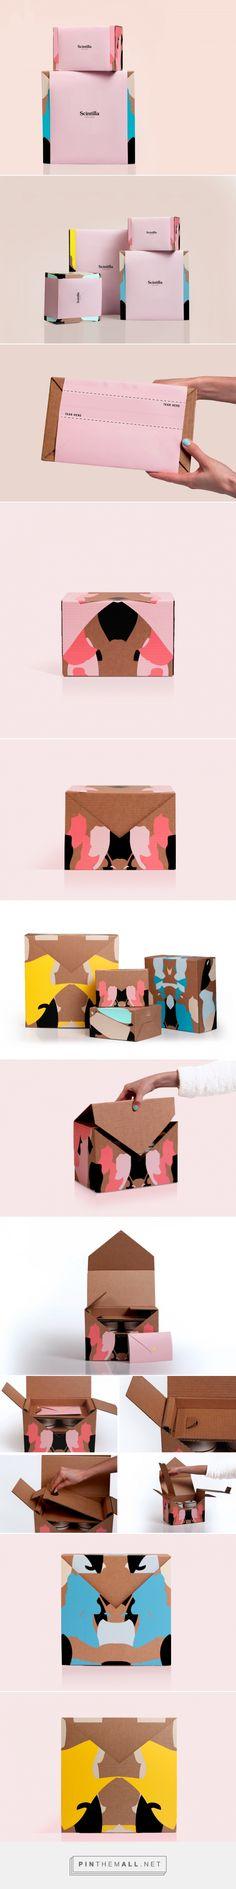 Experiential webshop packagings Scintilla ı by Milja Korpela Cool Packaging, Tea Packaging, Print Packaging, Product Packaging, Packaging Ideas, Branding Agency, Business Branding, Retail Branding, Branding Ideas